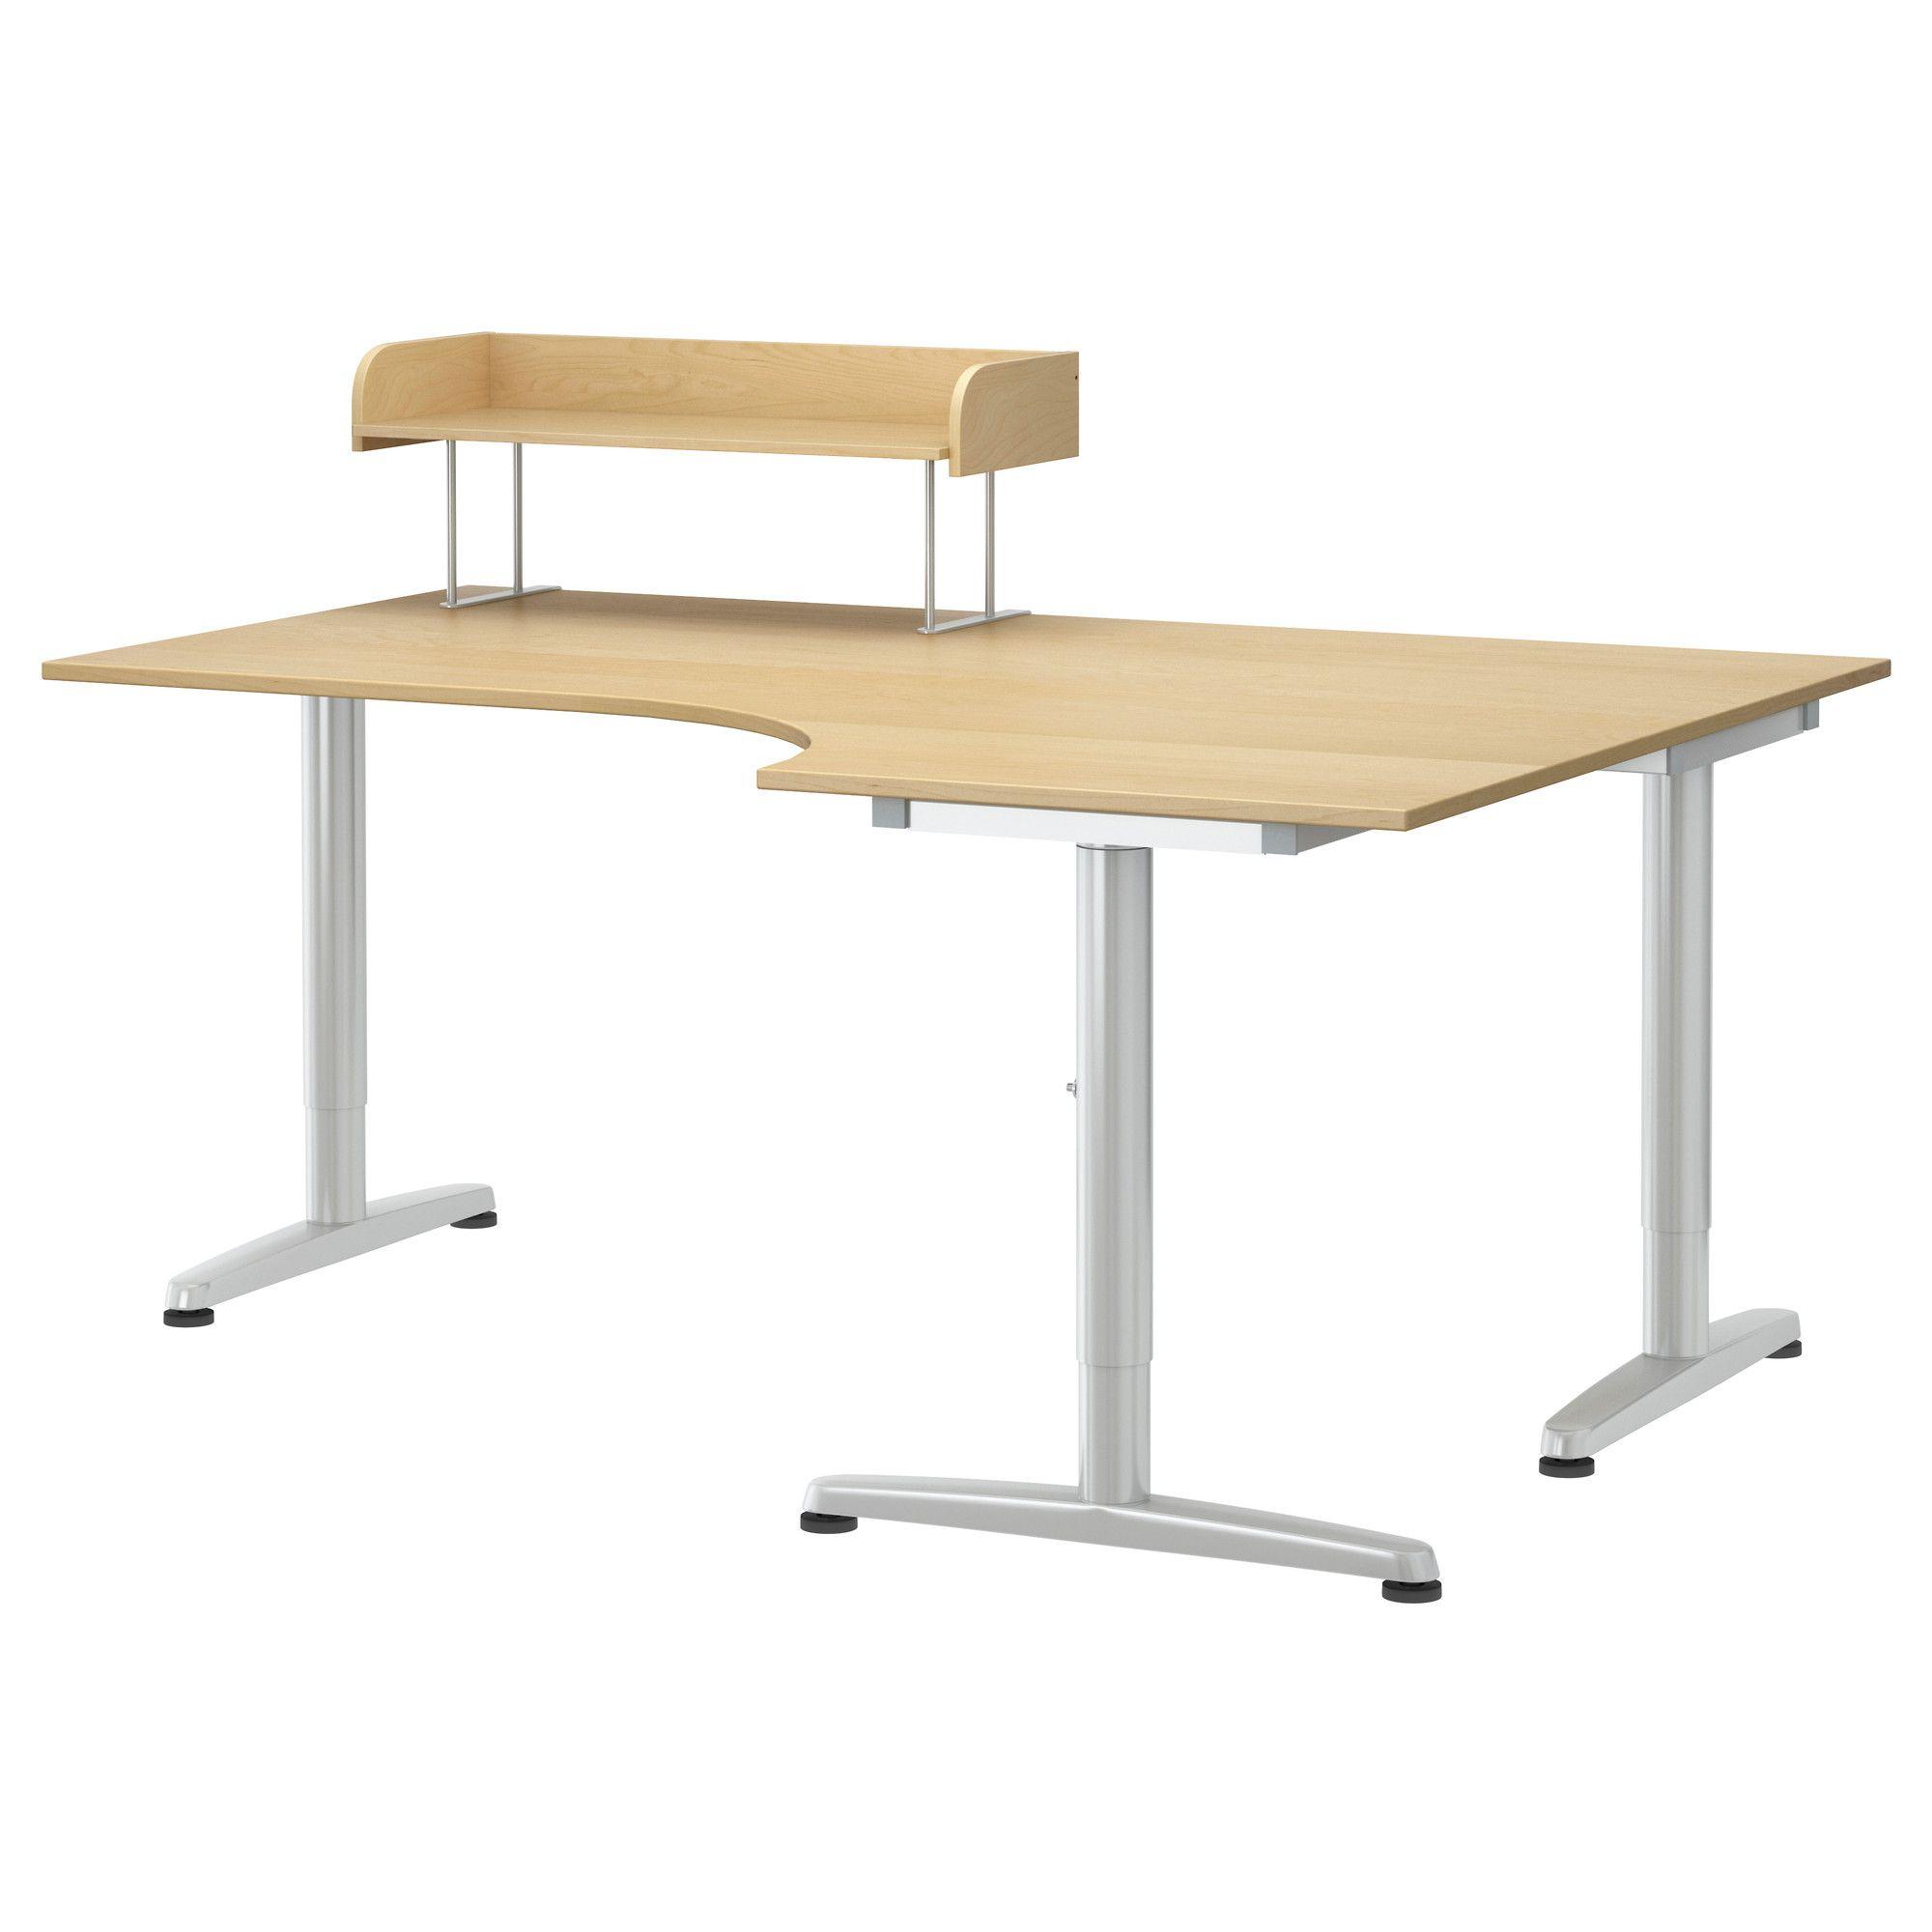 meubles et accessoires bureau chaise bureau ikea. Black Bedroom Furniture Sets. Home Design Ideas